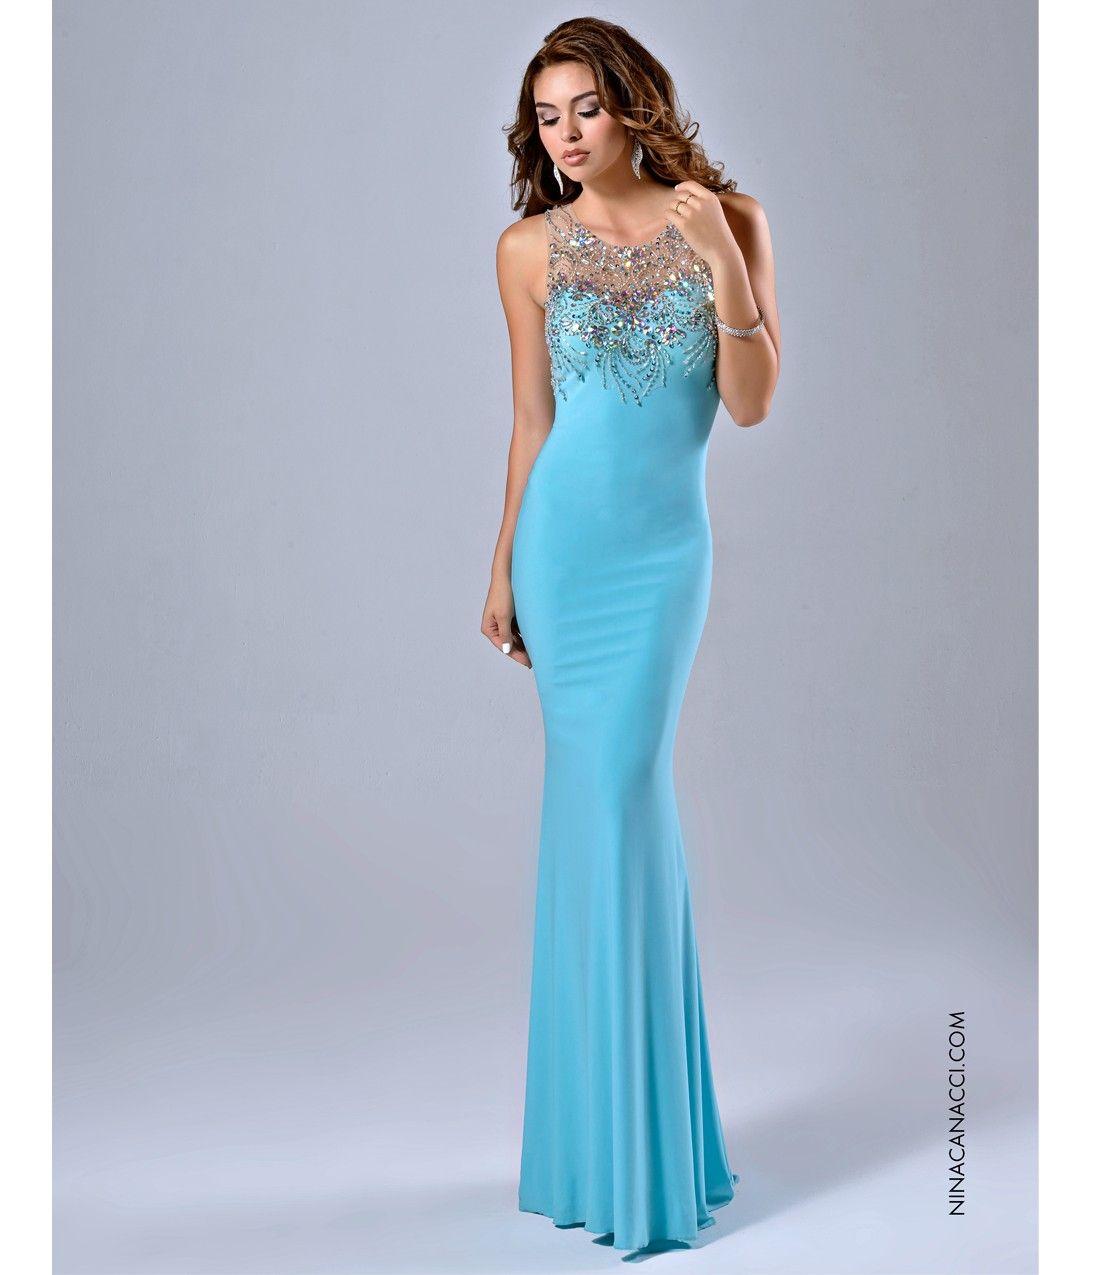 Fitted Aqua Blue Embellished Gown | fashion | Pinterest | Aqua ...